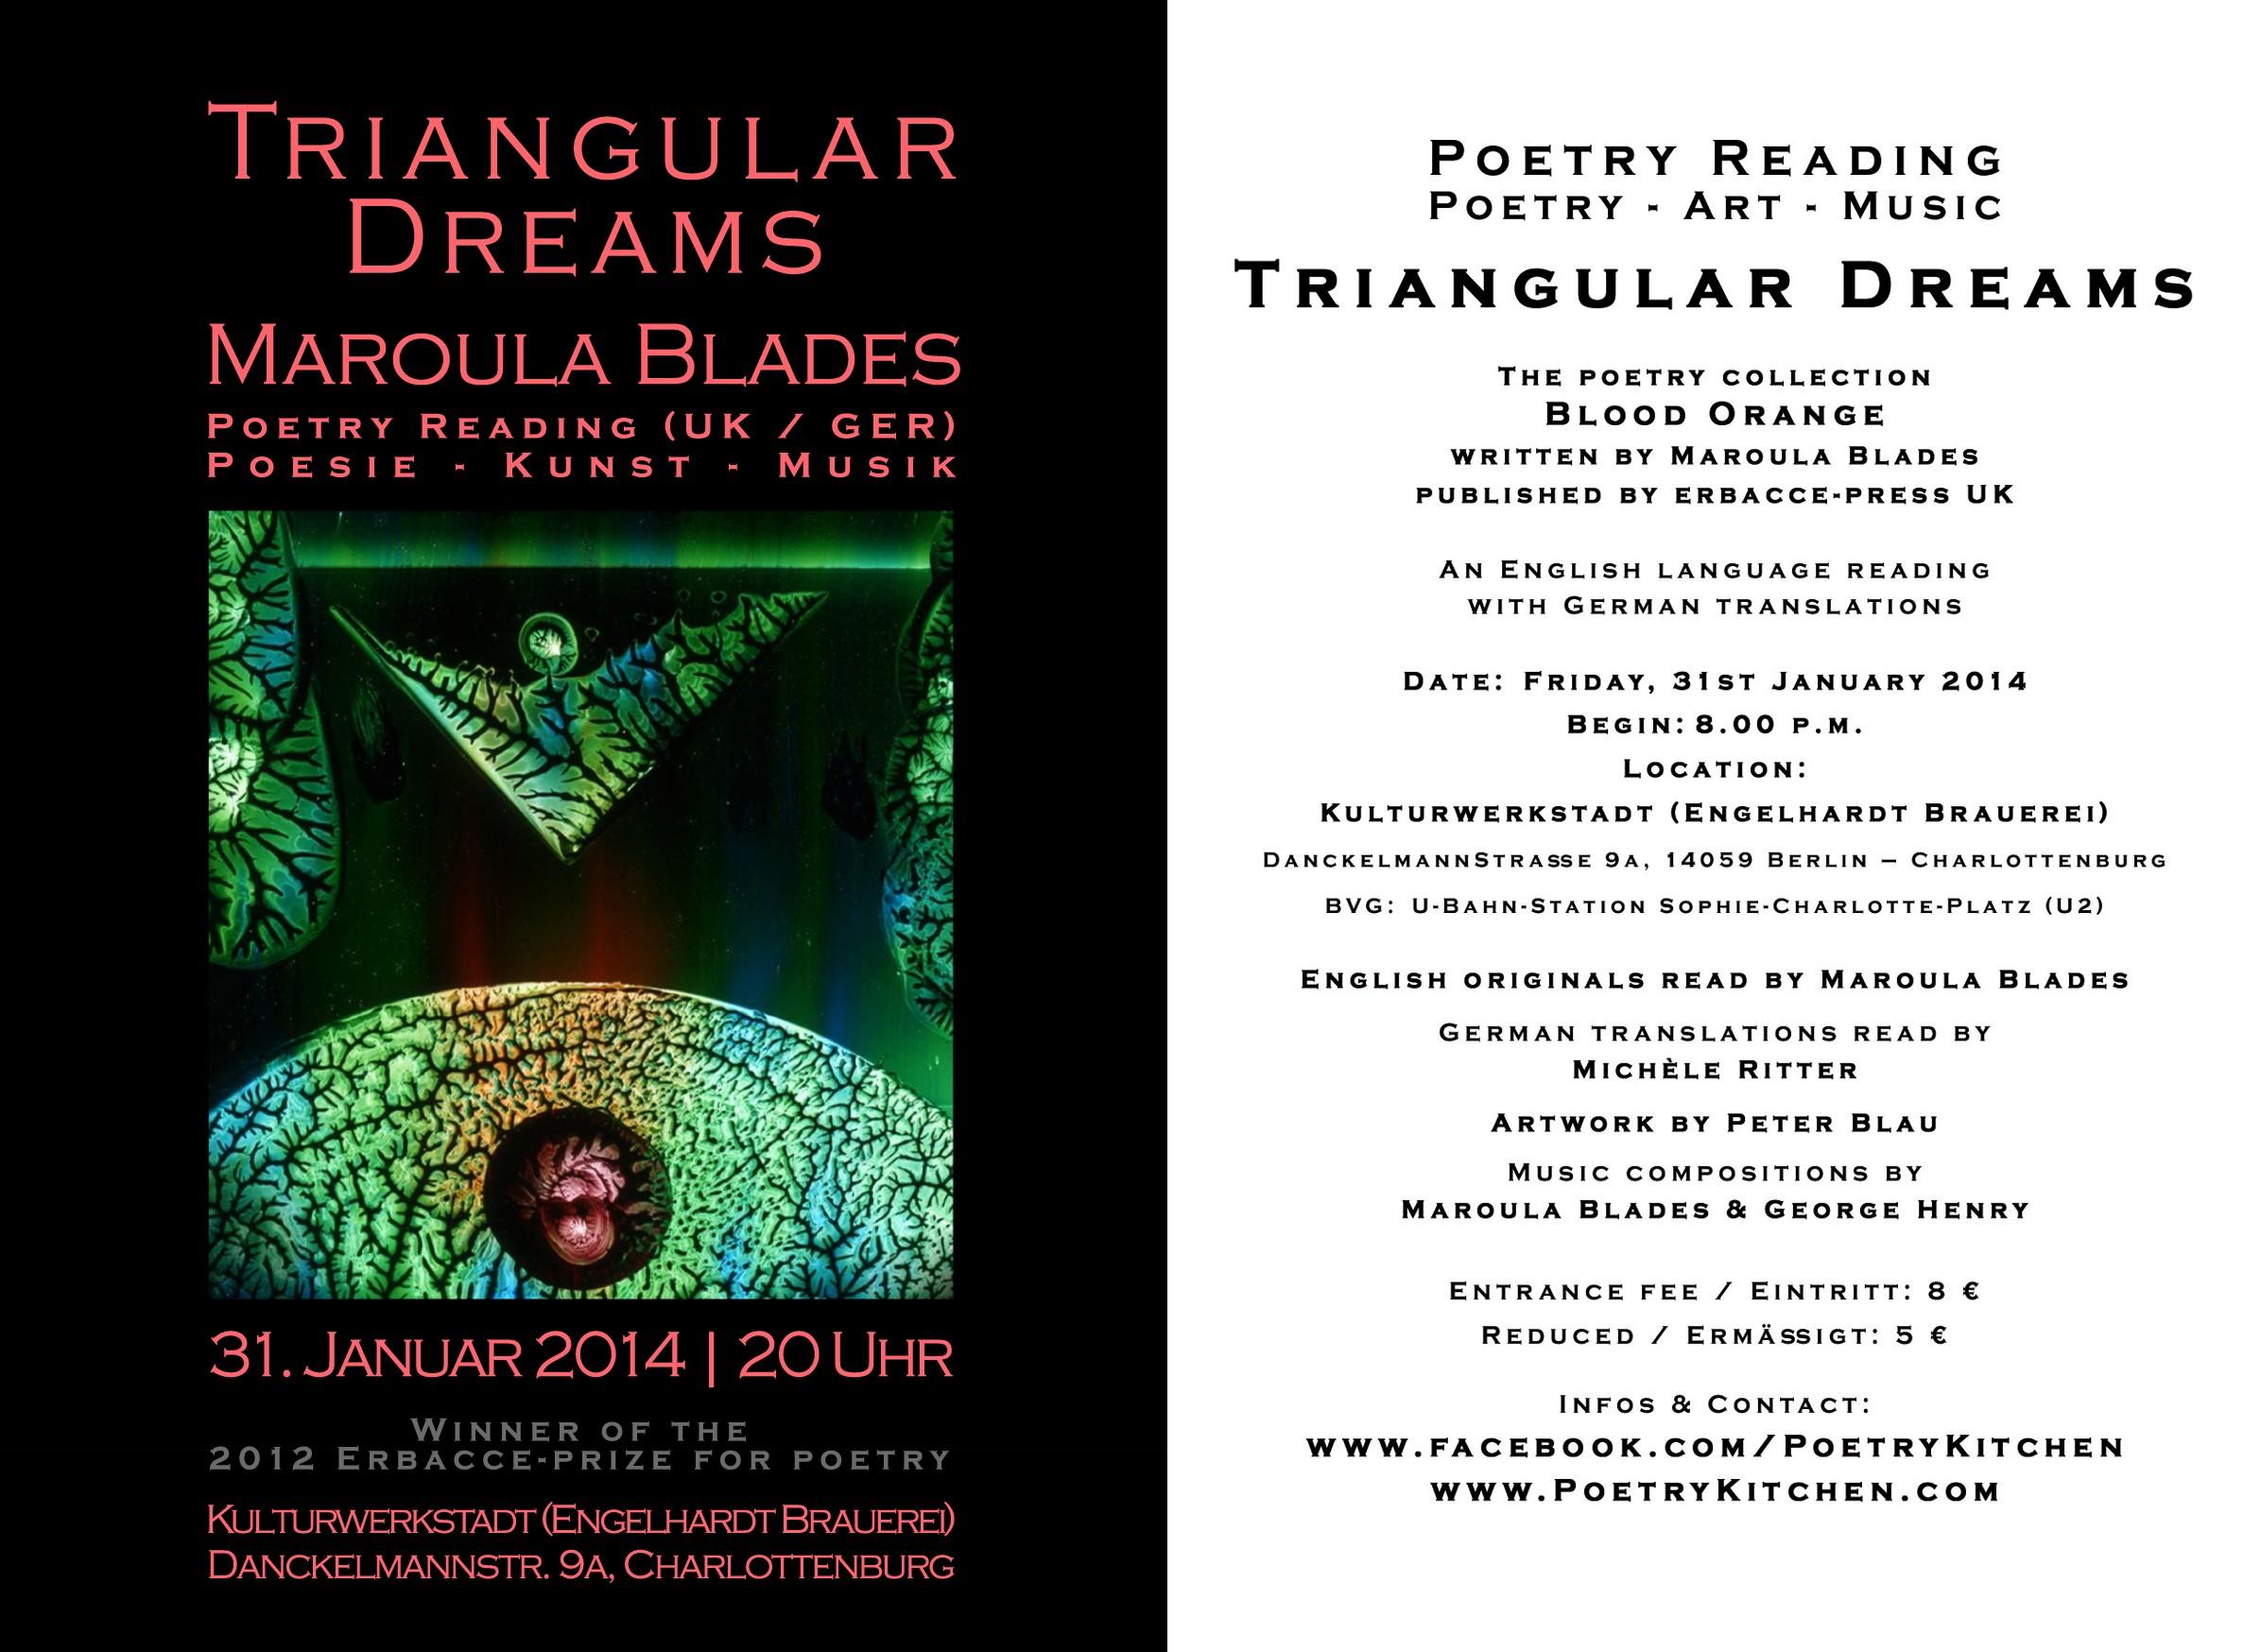 email flyer - Maroula Blades - TRIANGULAR DREAMS